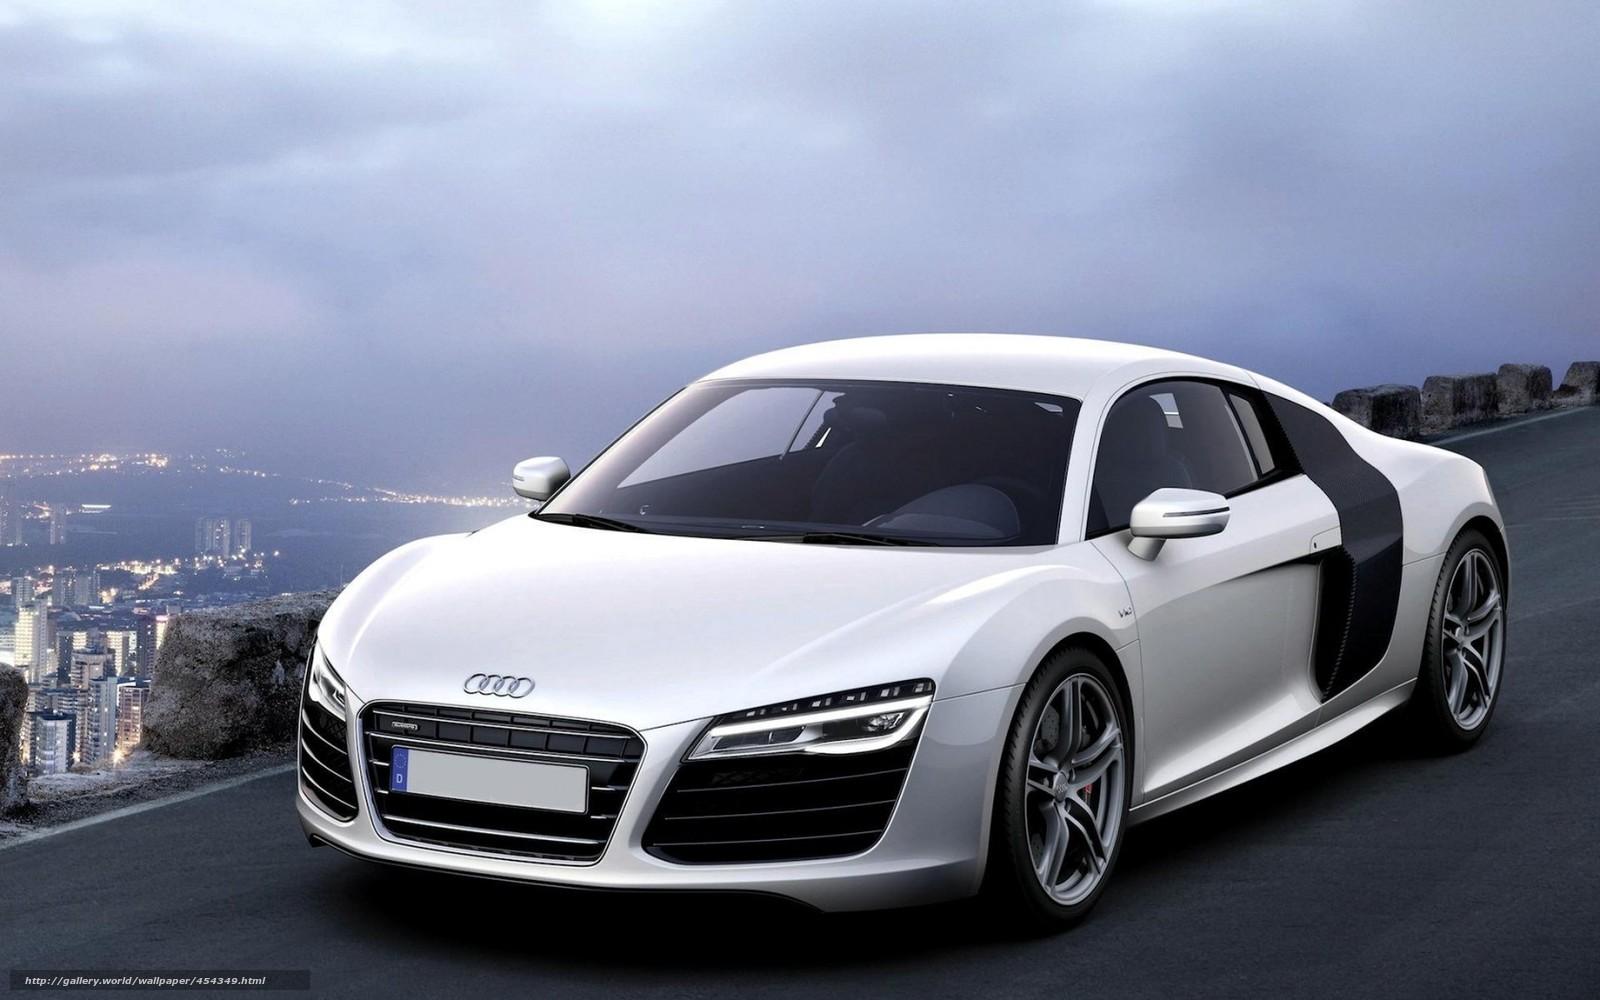 tlcharger fond d 39 ecran voiture papier peint blanc voiture de sport fonds d 39 ecran gratuits. Black Bedroom Furniture Sets. Home Design Ideas